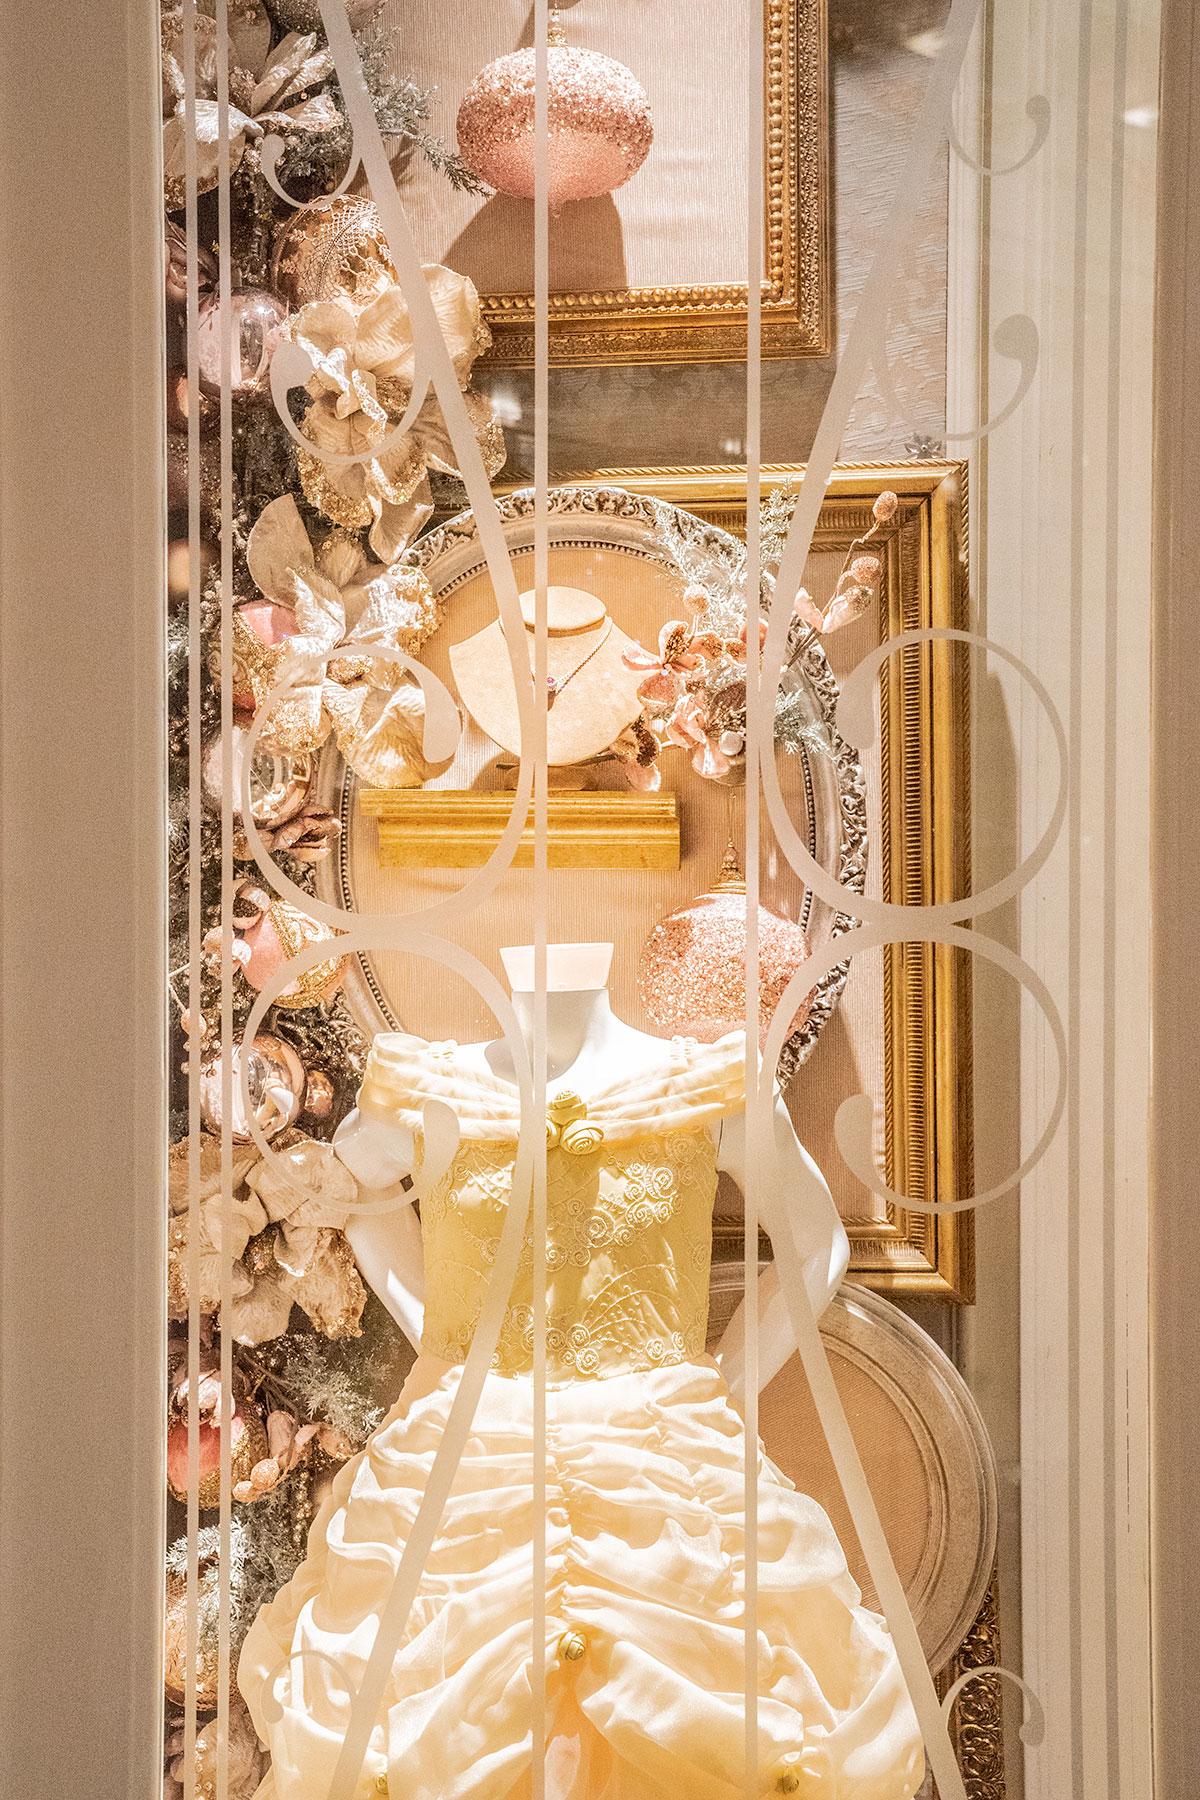 Grand-Floridian-Christmas-Holiday-Window-display